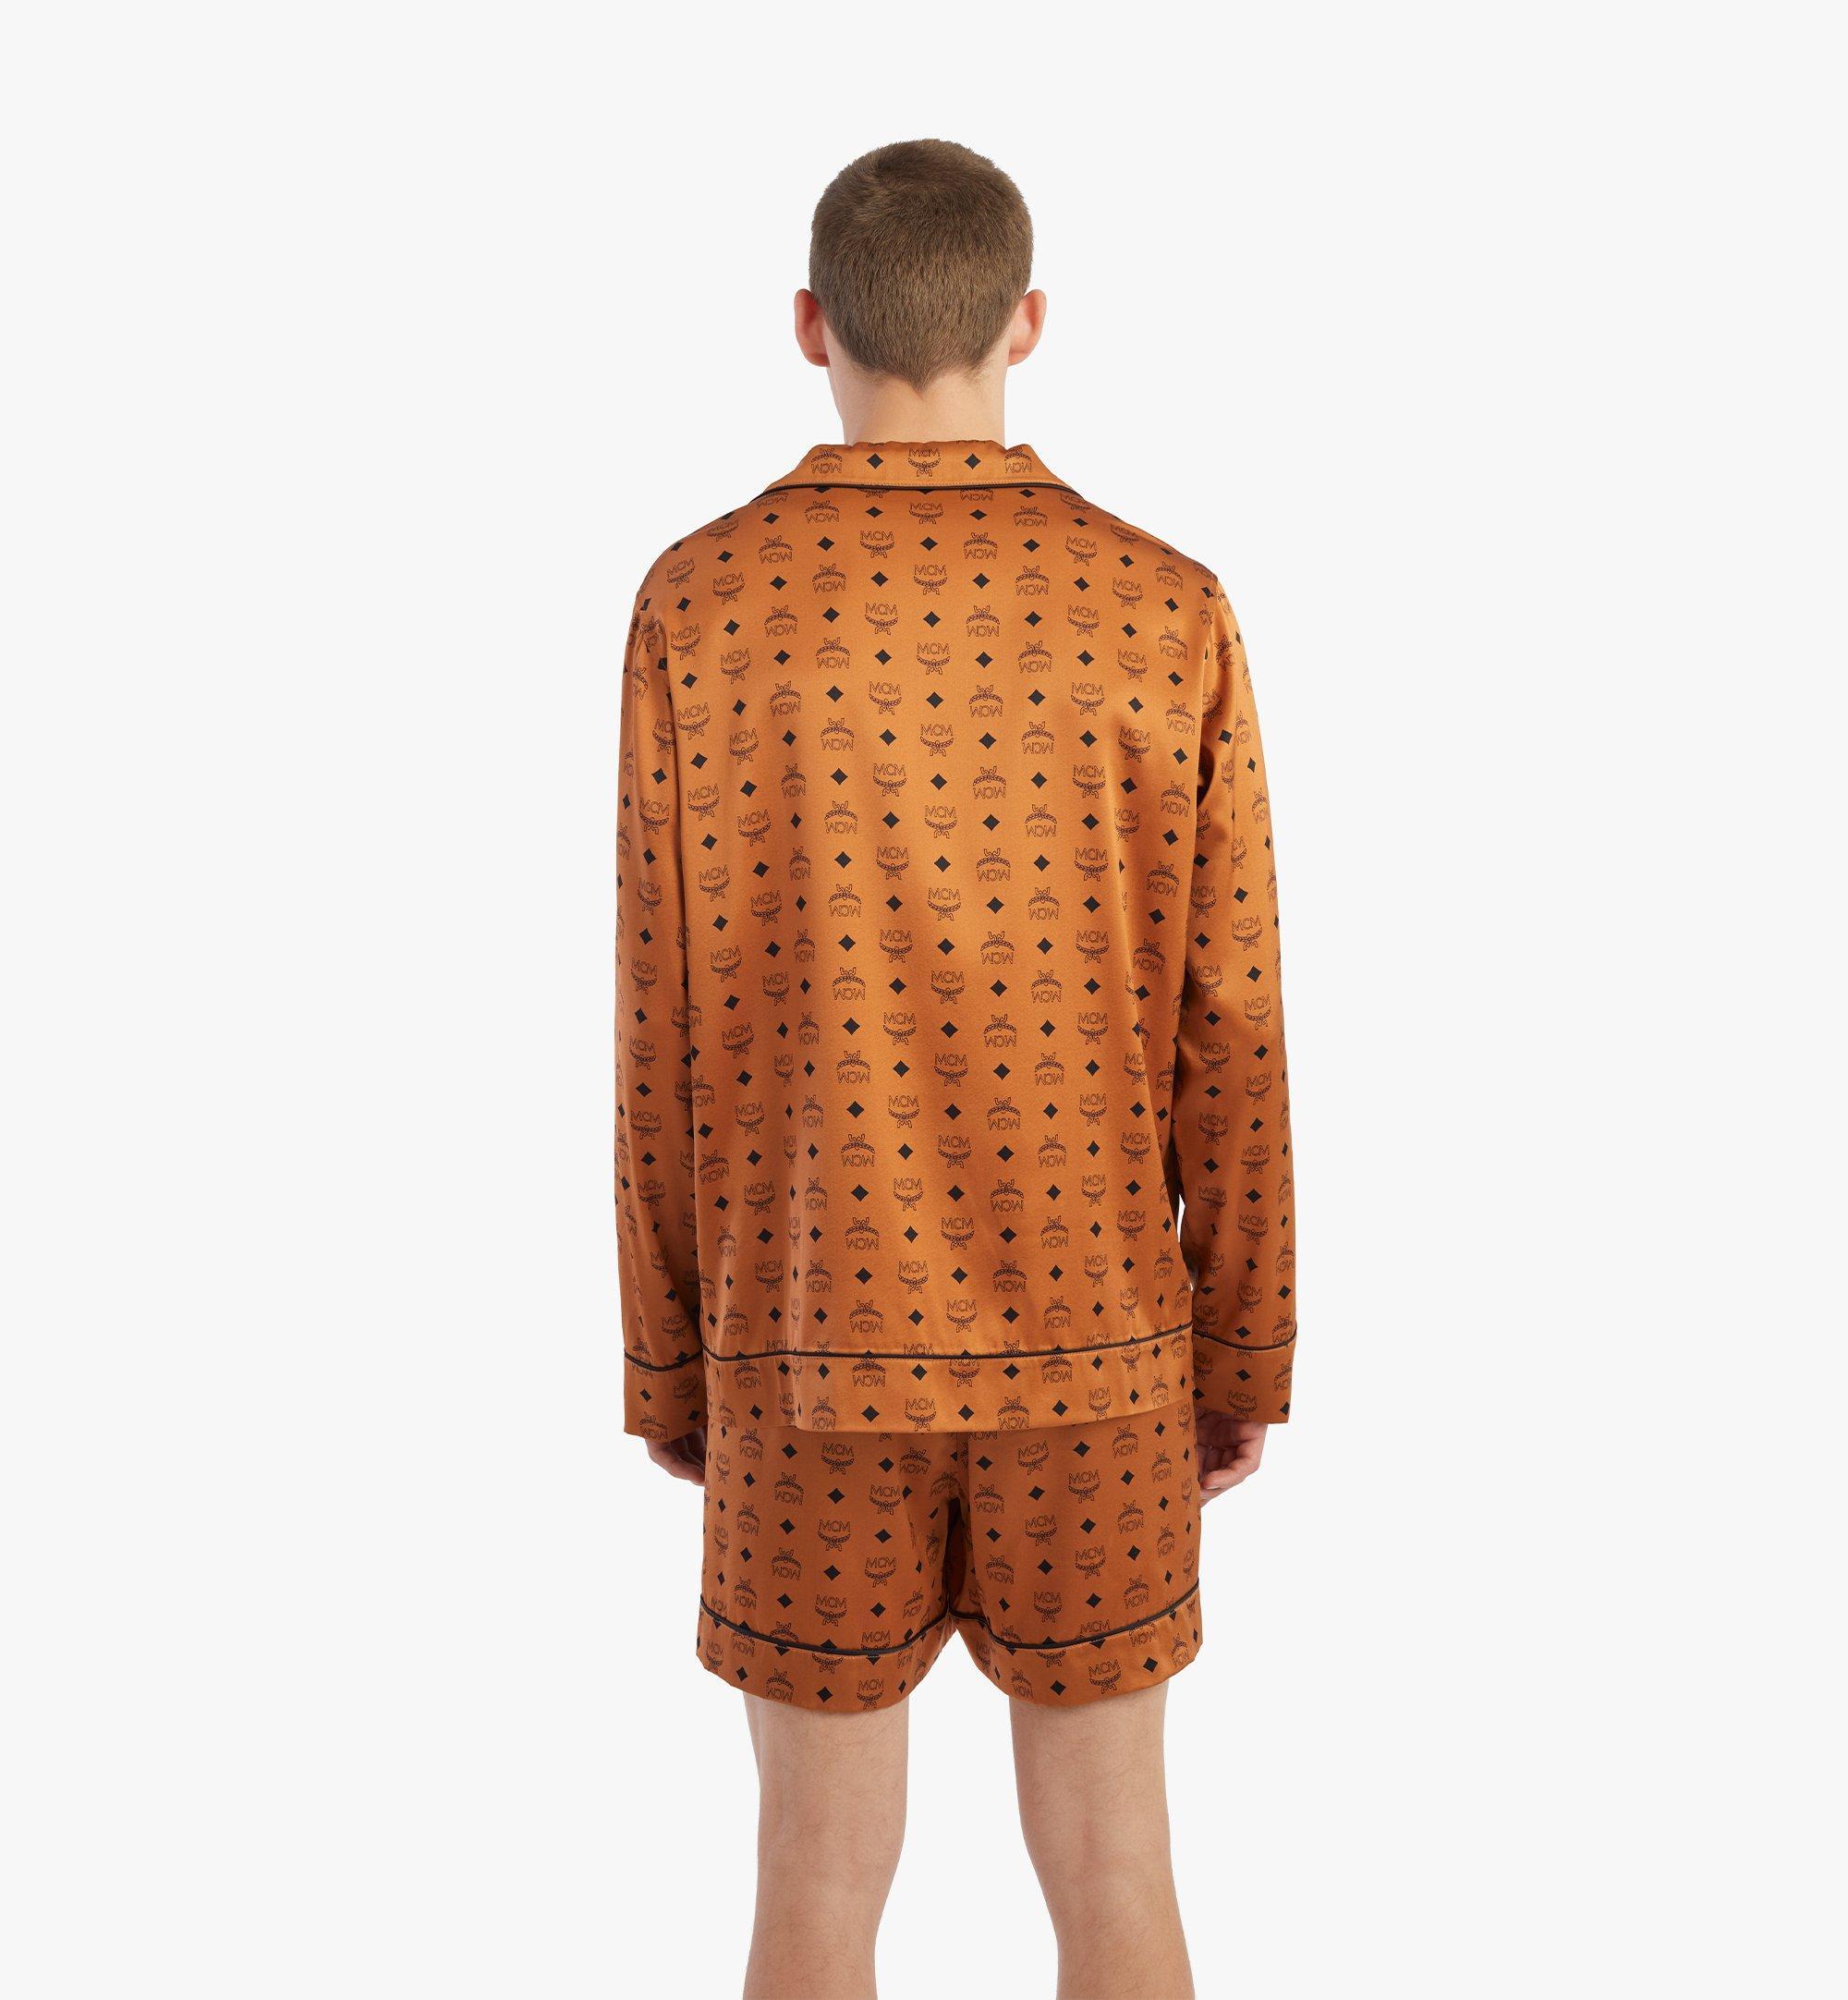 MCM Klassisches Pyjamahemd aus Seide mit Logo Cognac MHXBSMM08CO0XL Noch mehr sehen 3